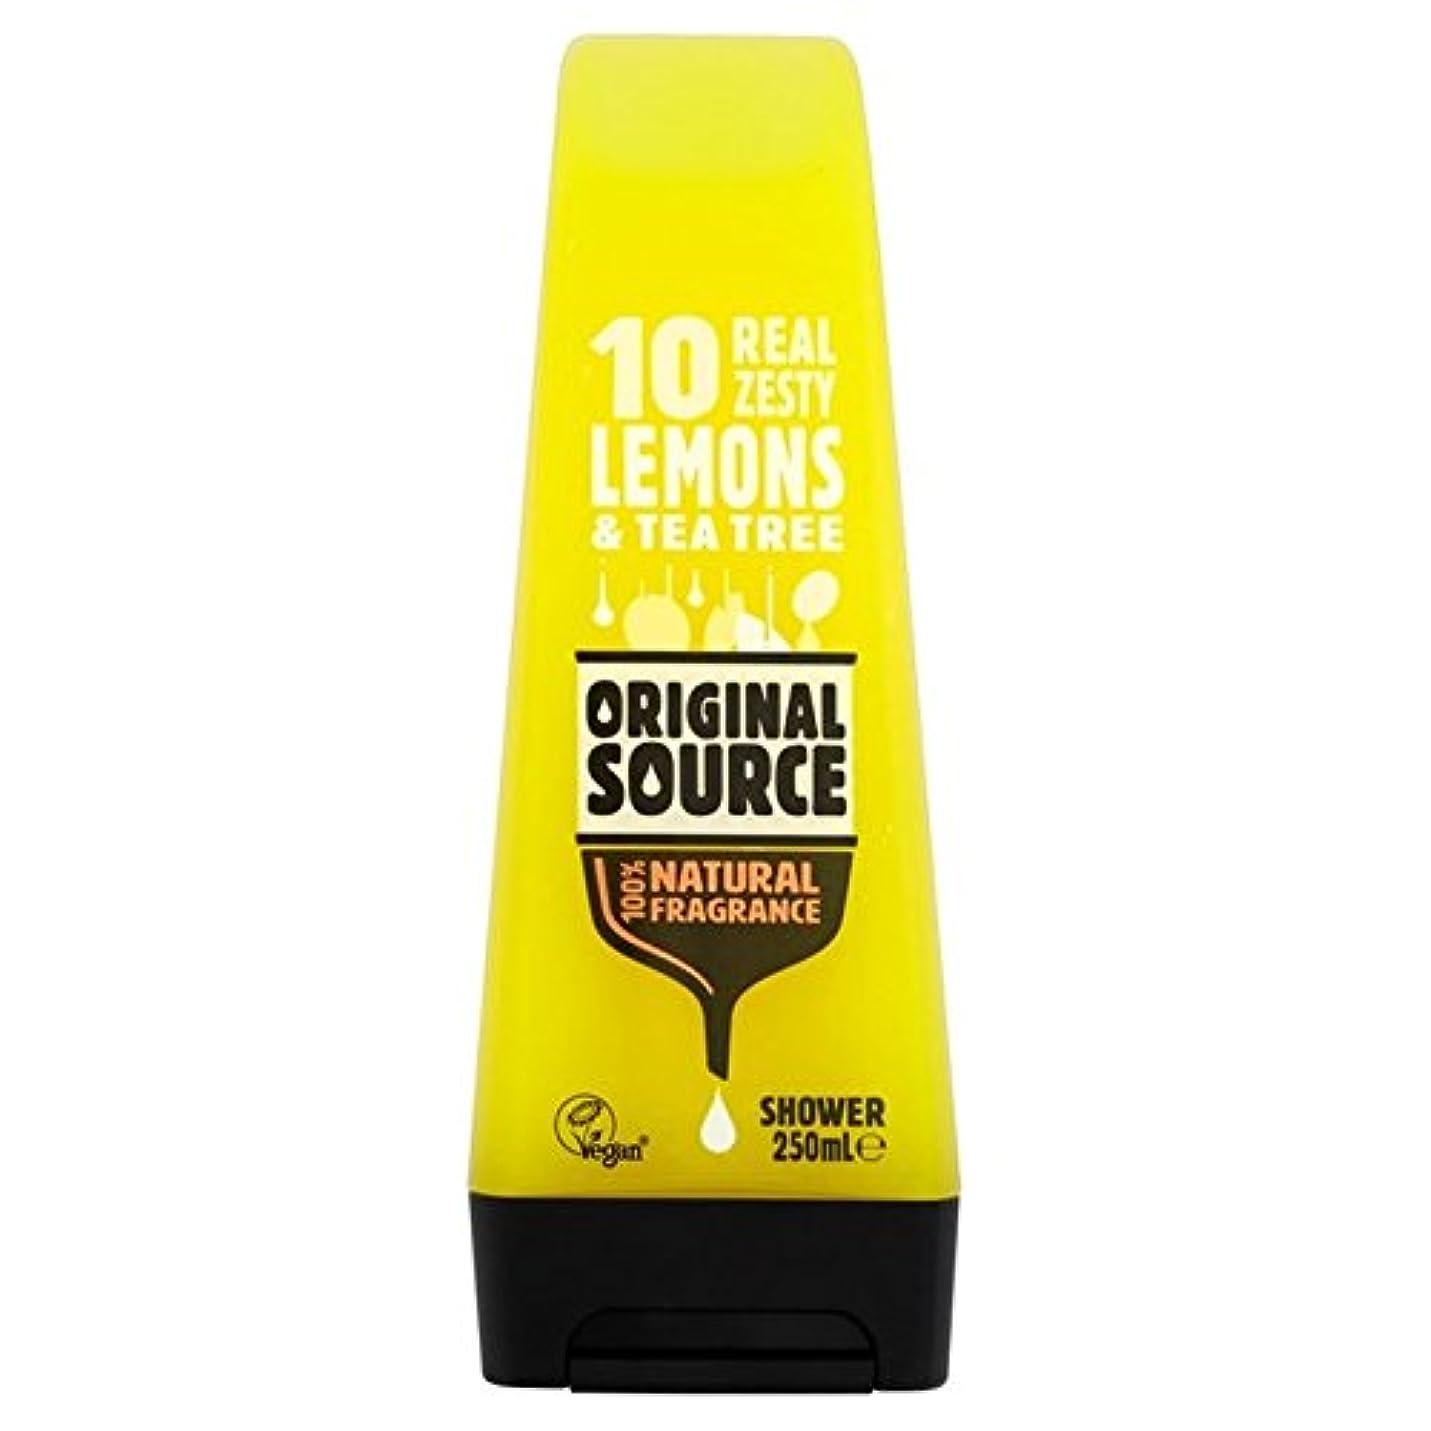 嵐のキモい普遍的なOriginal Source Lemon Shower Gel 250ml (Pack of 6) - 元のソースのレモンシャワージェル250ミリリットル x6 [並行輸入品]